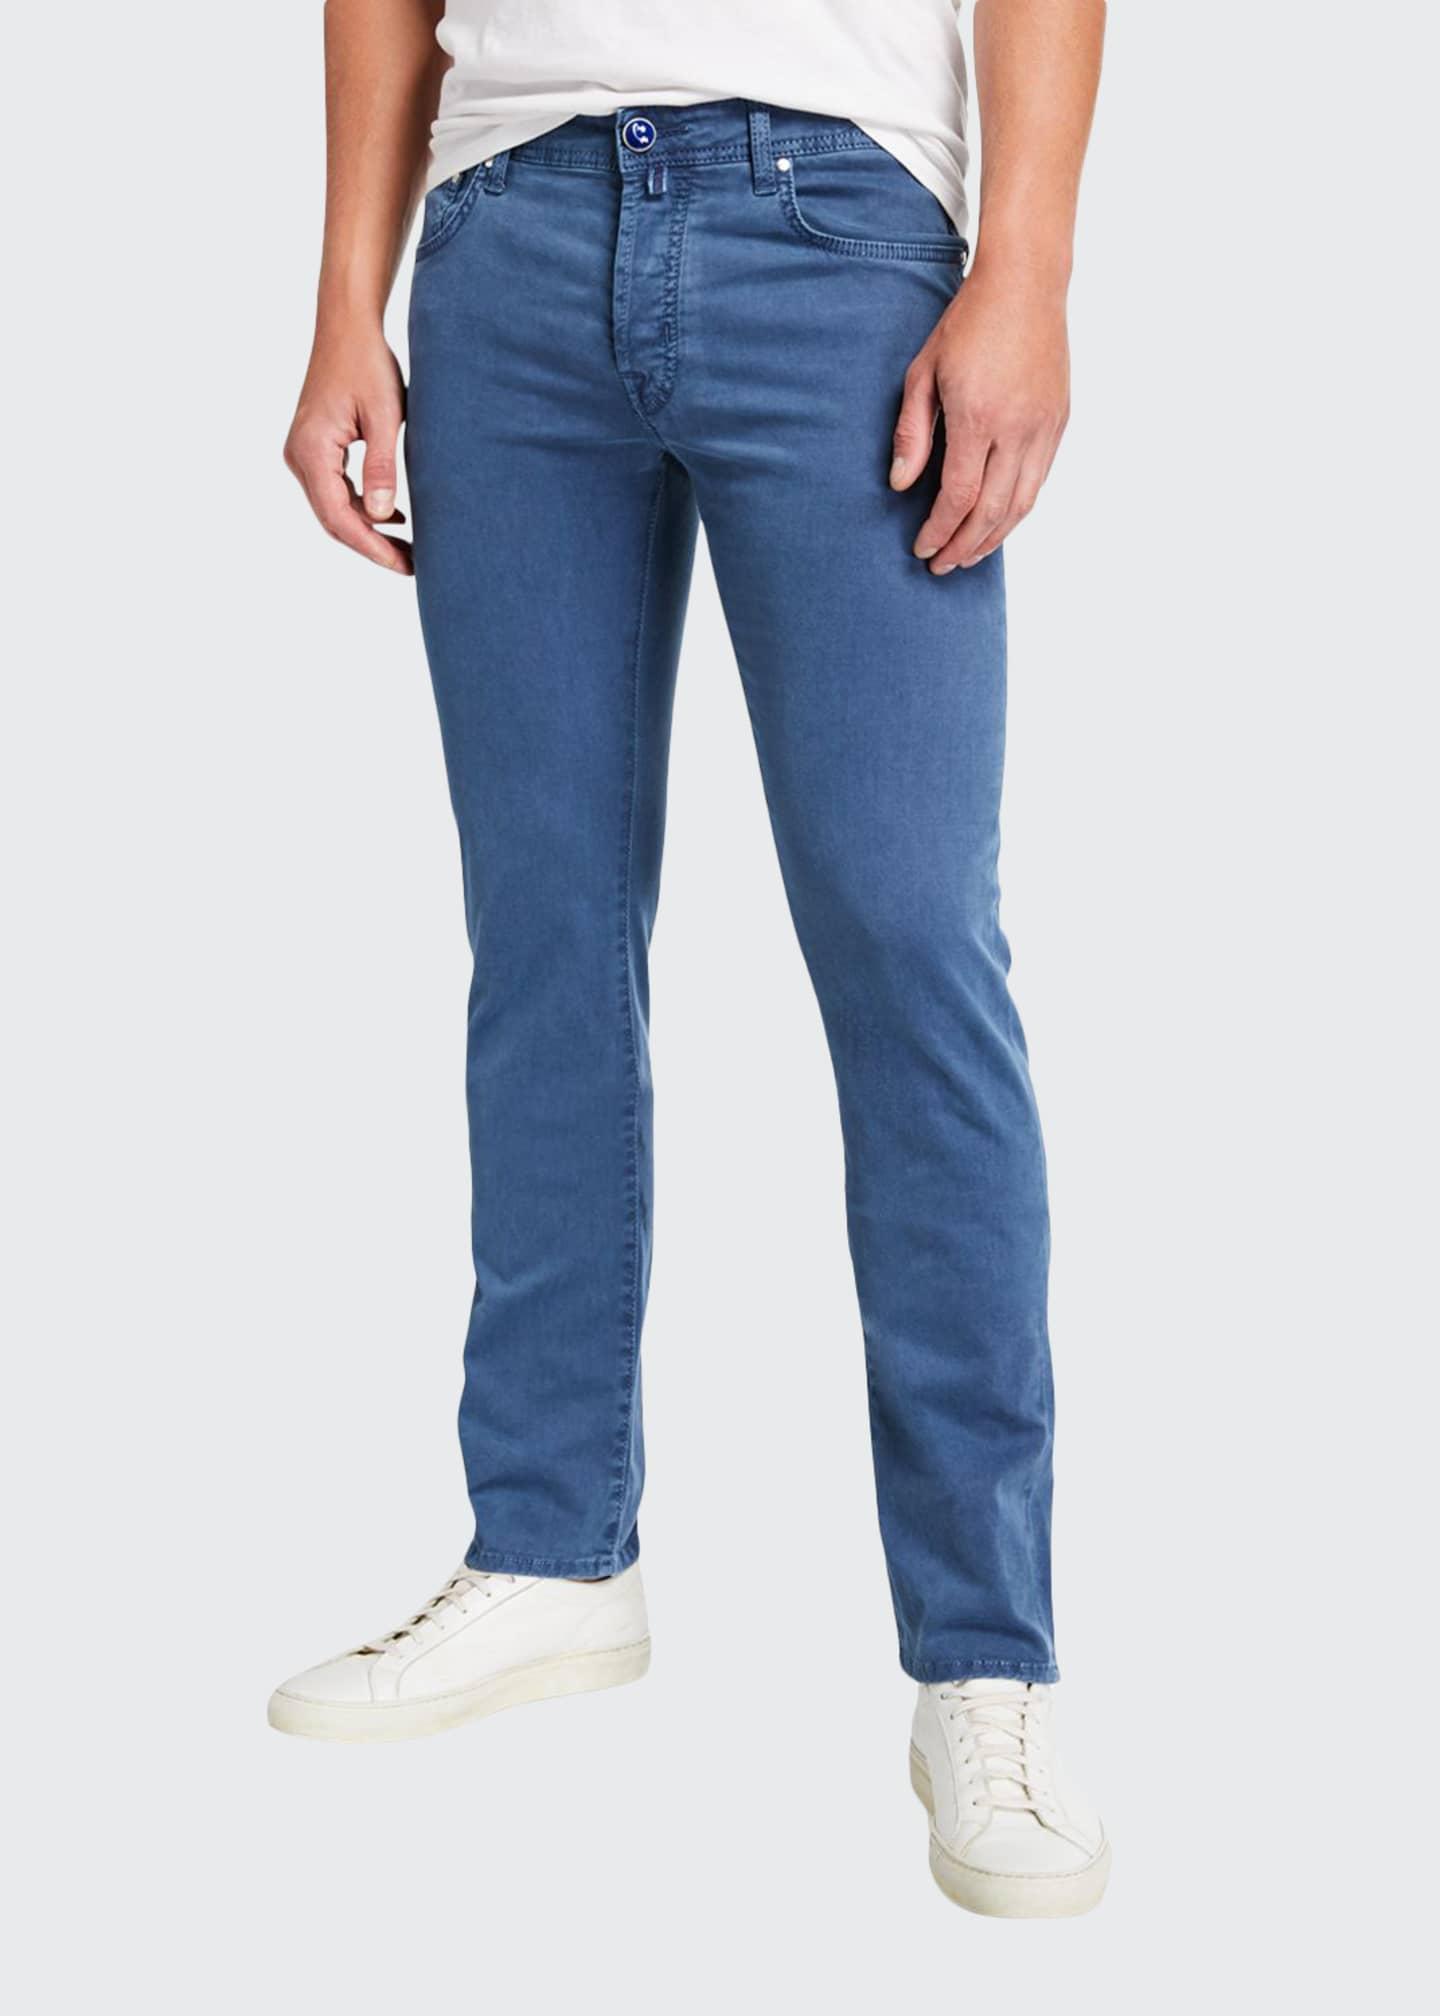 Jacob Cohen Men's Brushed 5-Pocket Jeans